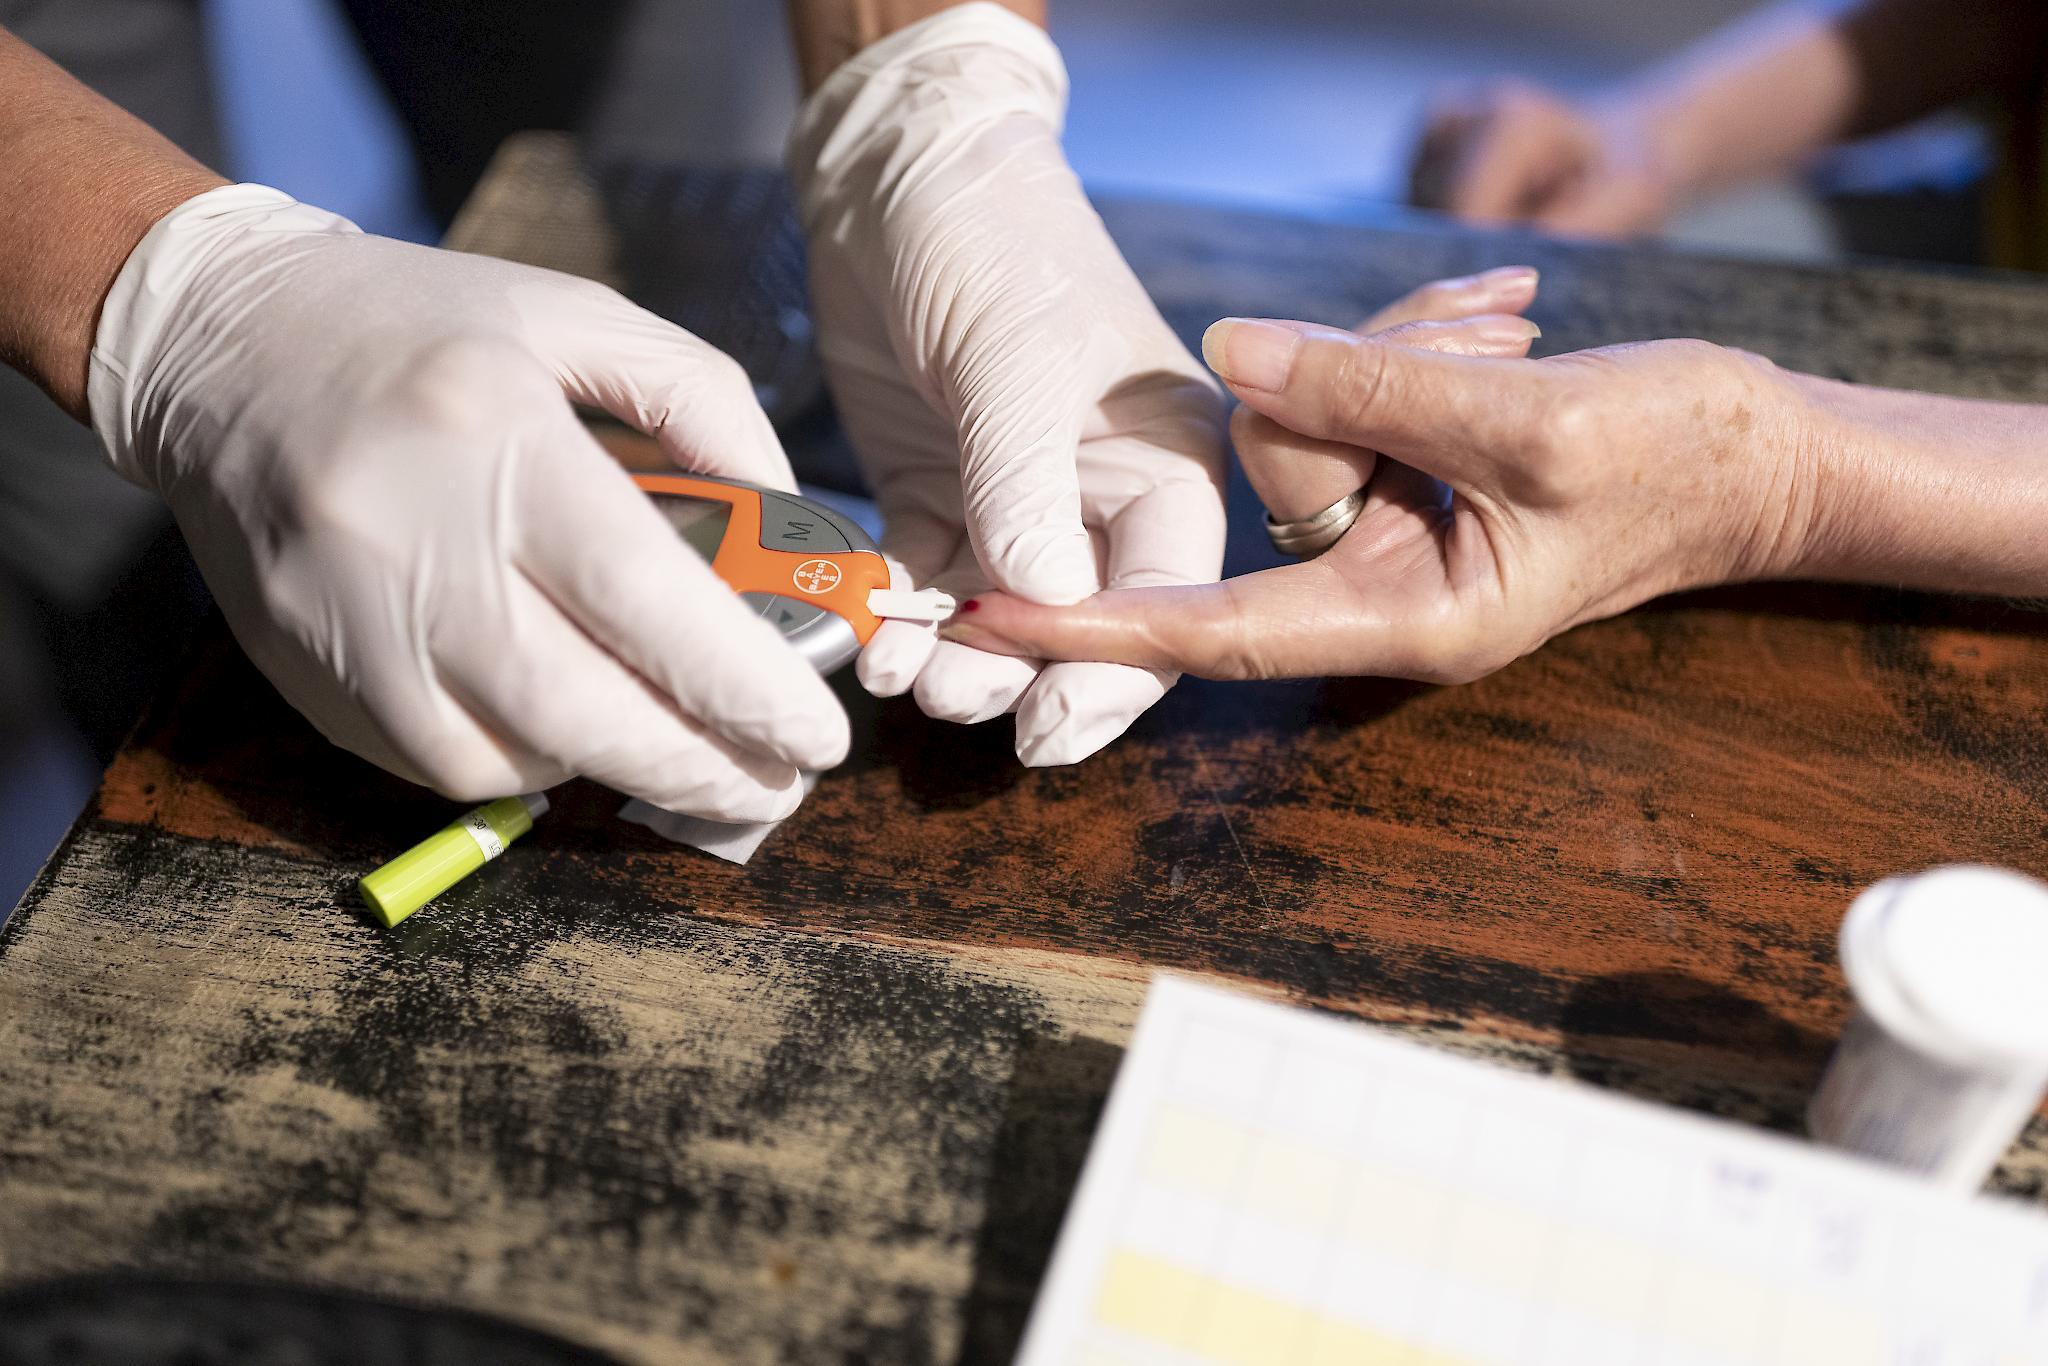 Diabetes-Risiko-Test: Testen Sie Ihr Diabetes-Risiko - diabetes.moglebaum.com